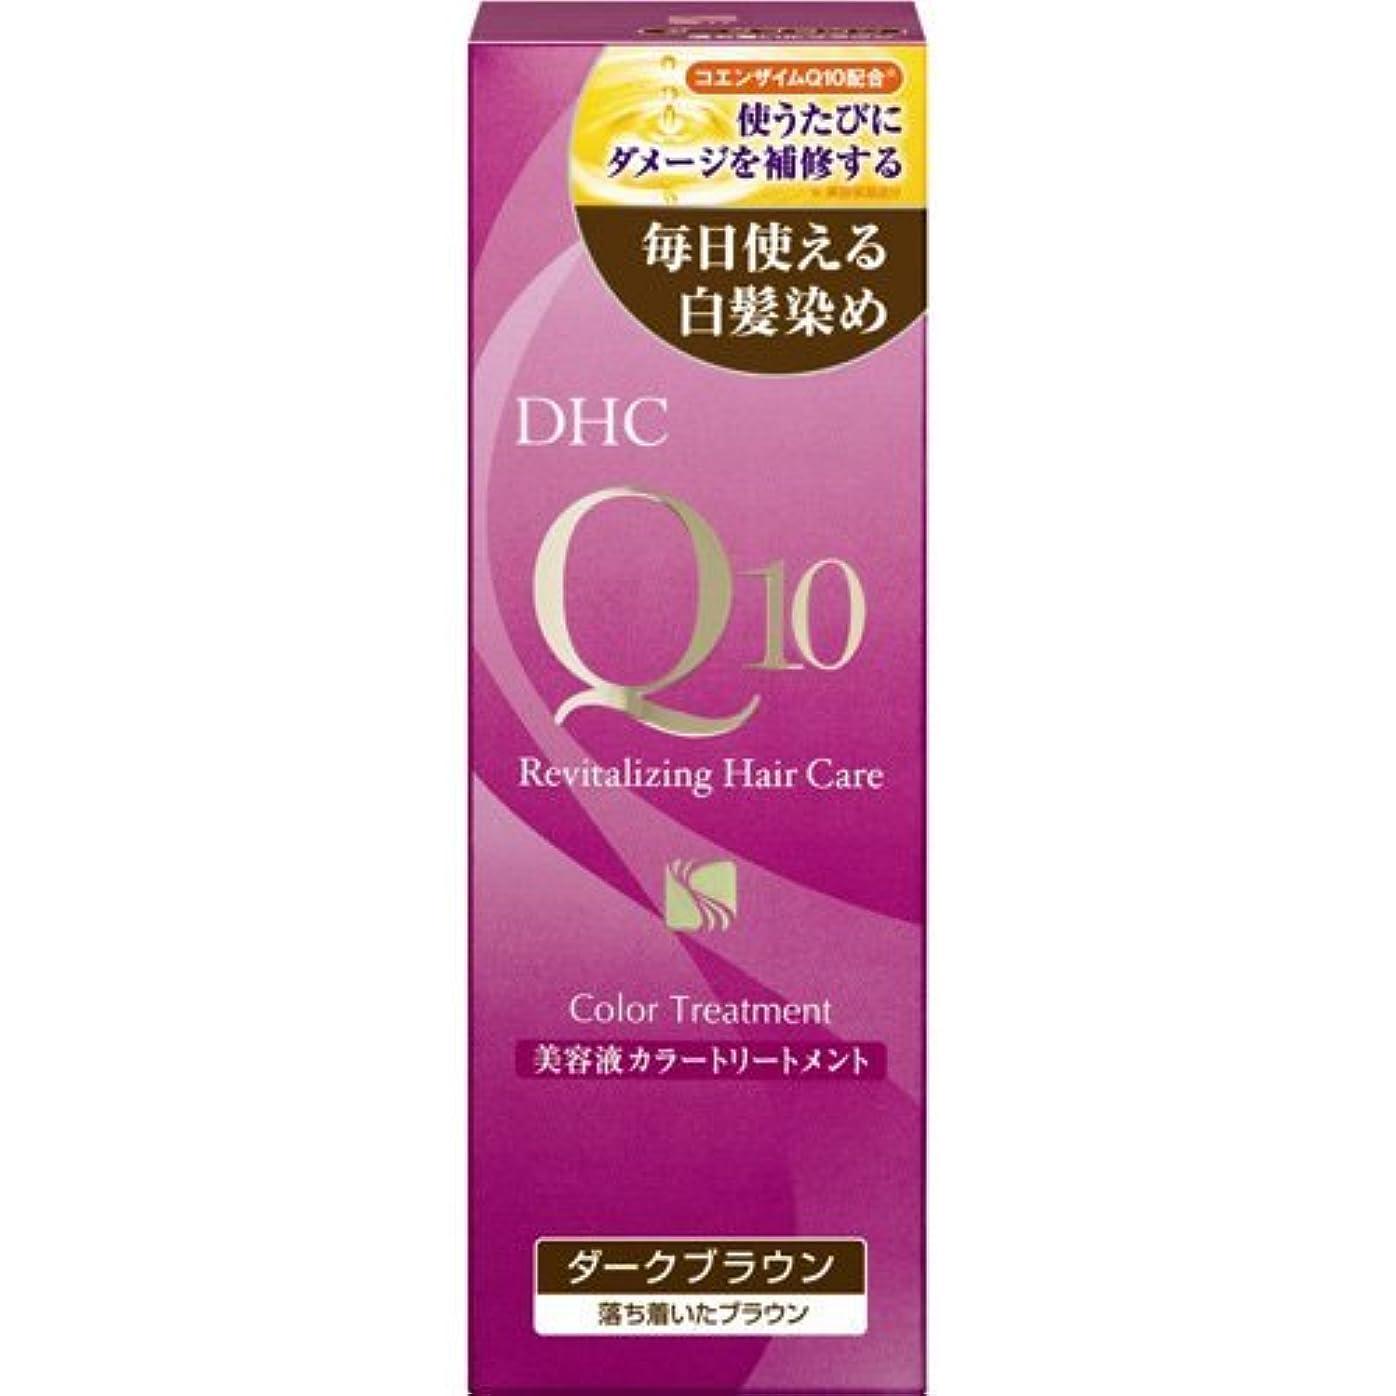 引き渡す豆抹消【まとめ買い】DHC Q10美溶液カラートリートメントDブラウンSS170g ×4個